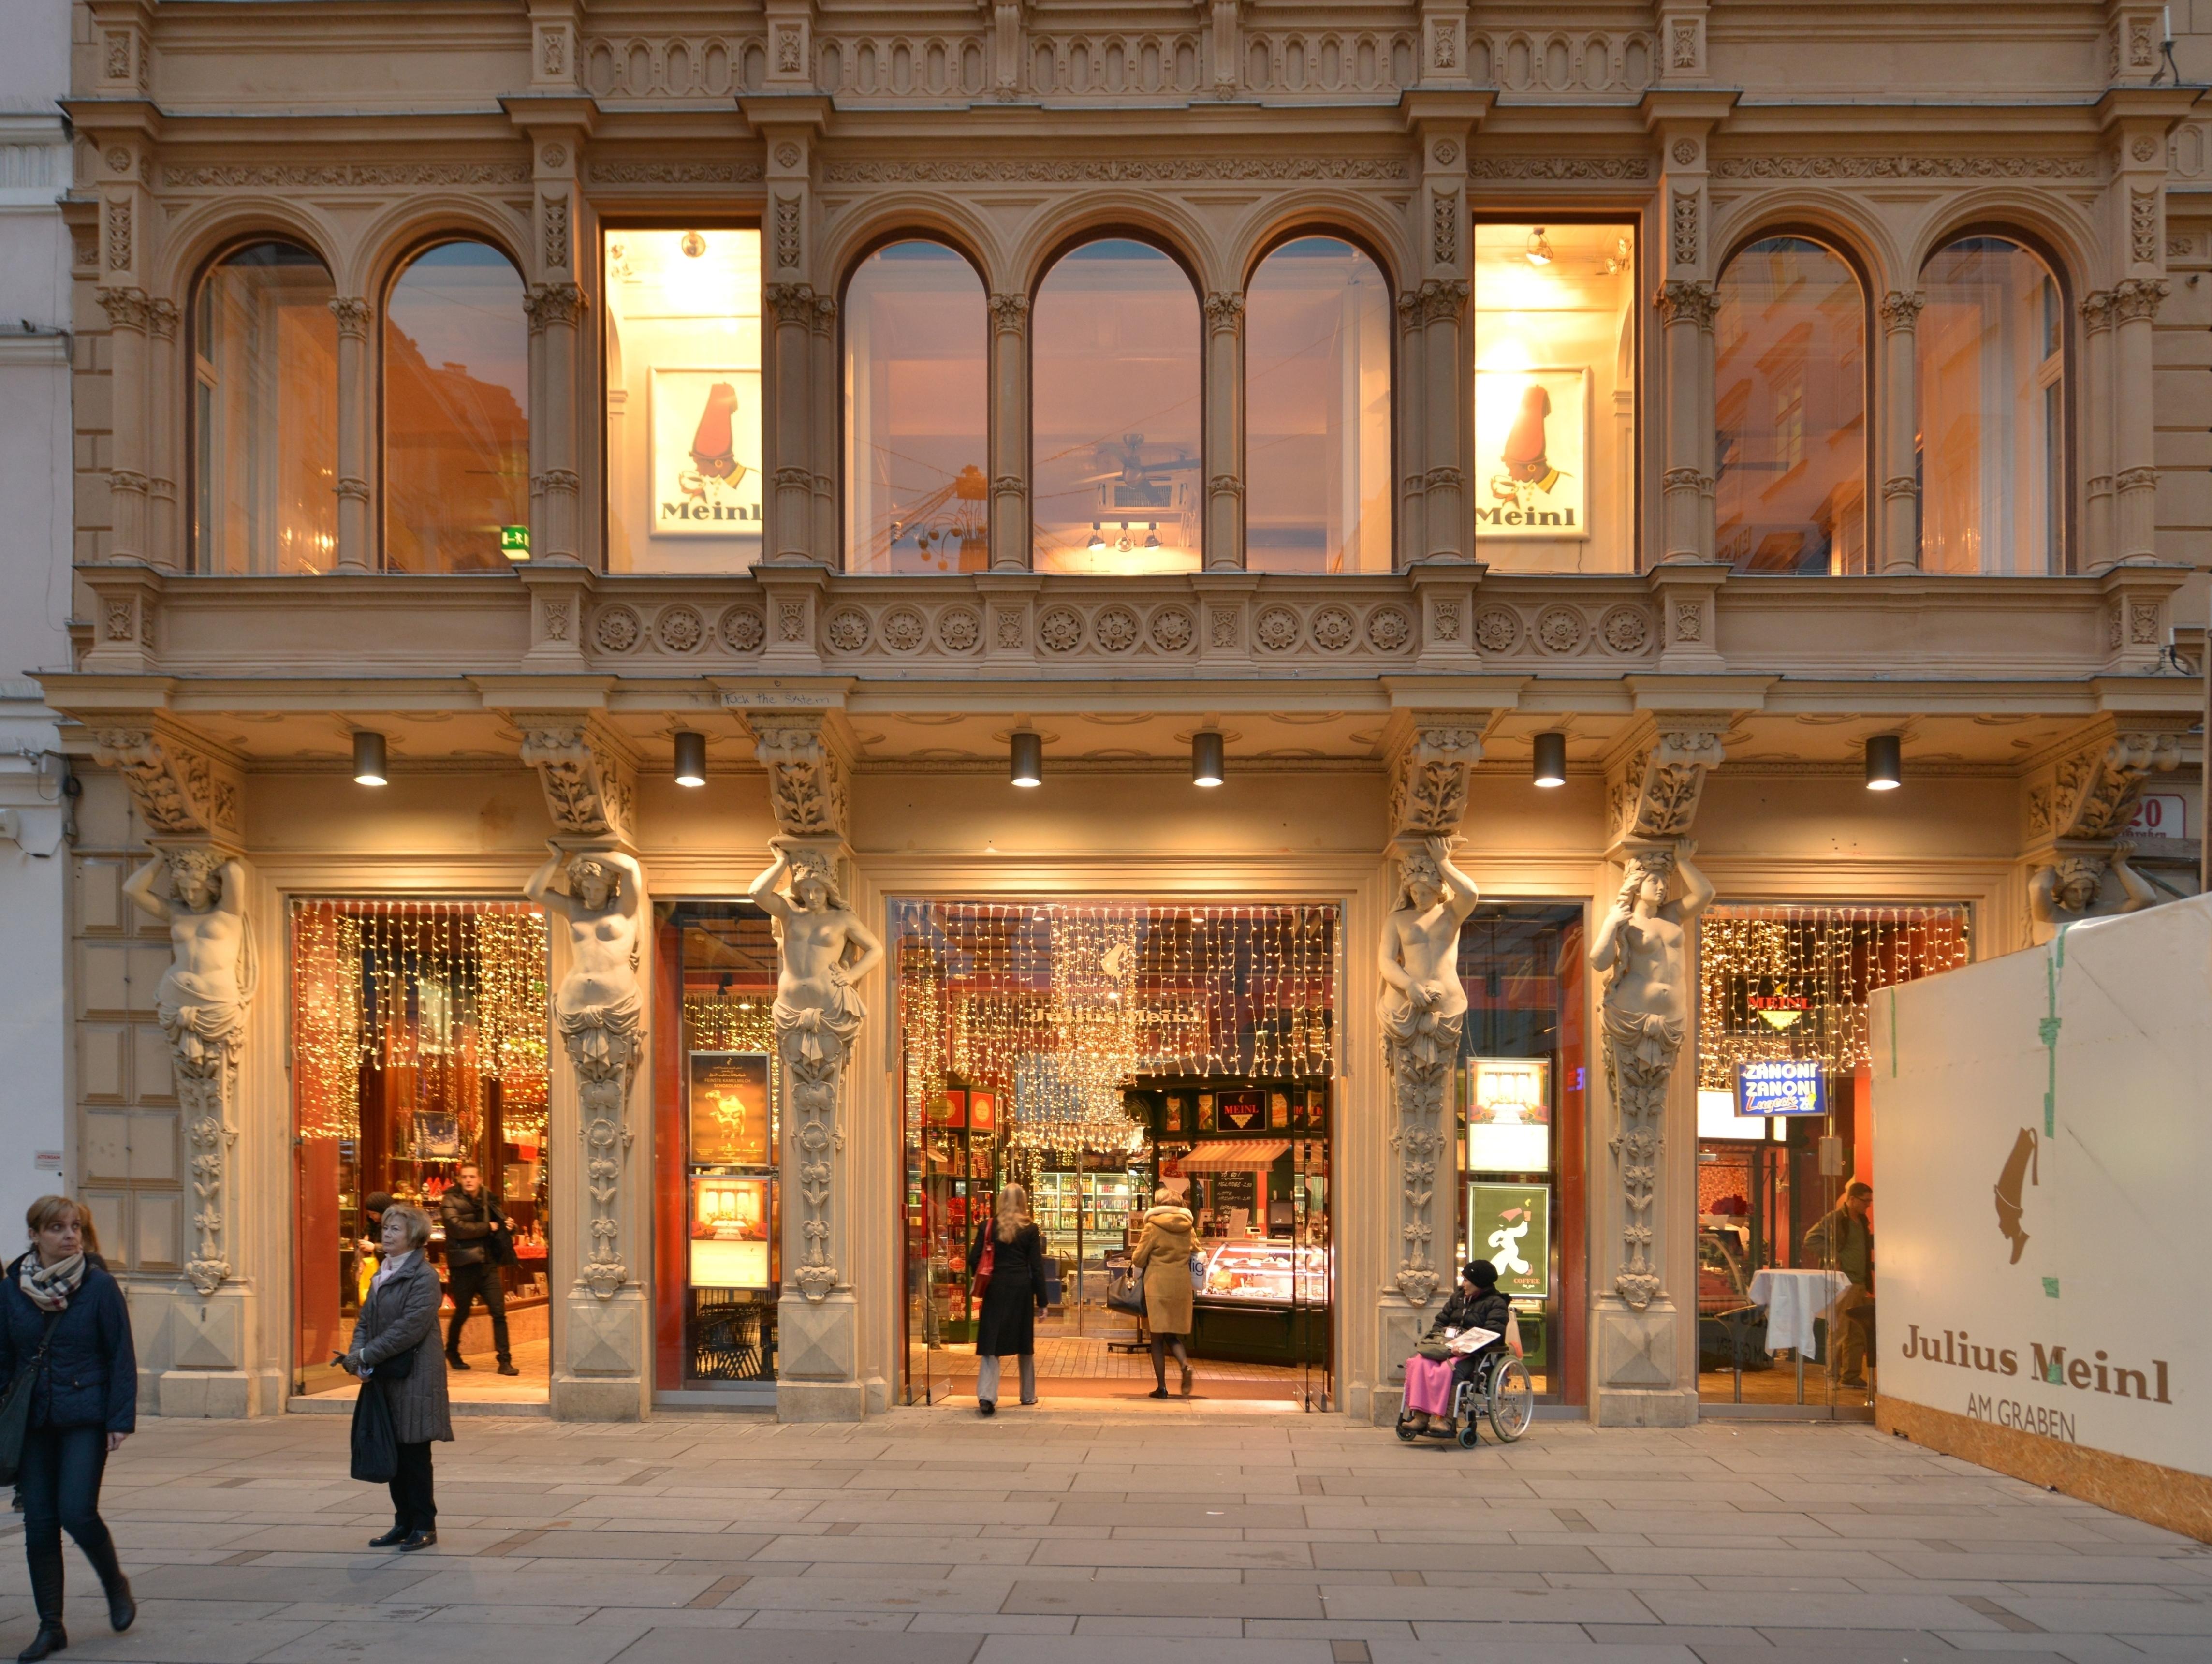 File Haus Liebig mit Geschäft Meinl Graben 20 Naglergasse 1, Wien 1 JPG Wikimedia Commons